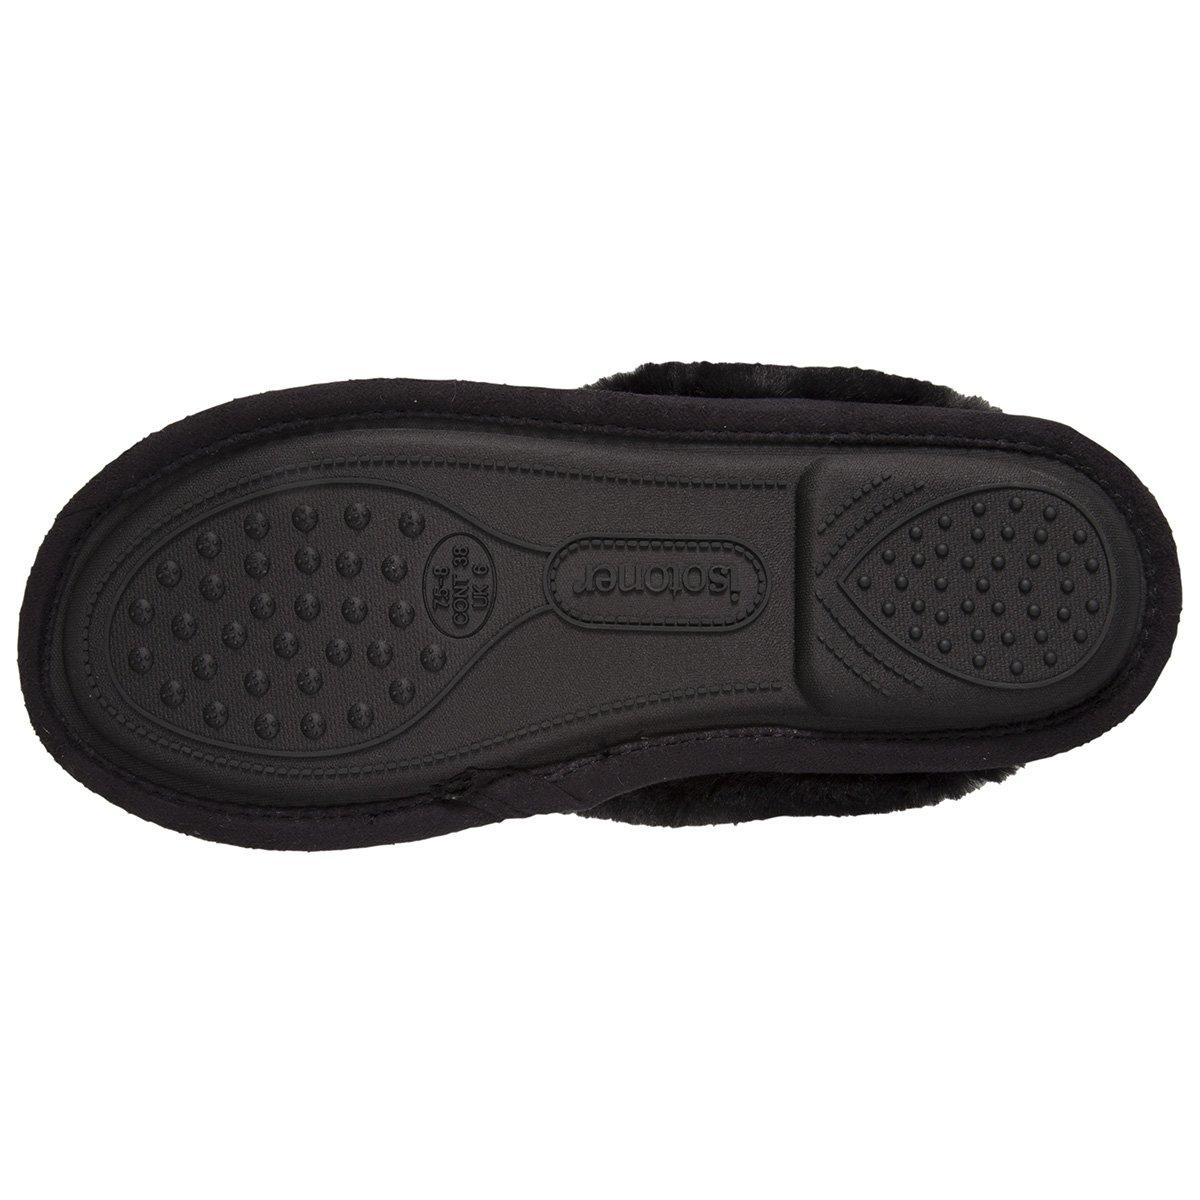 7507ad2e294fd Isotoner Chaussons Mules Femme étoiles  Amazon.fr  Chaussures et Sacs